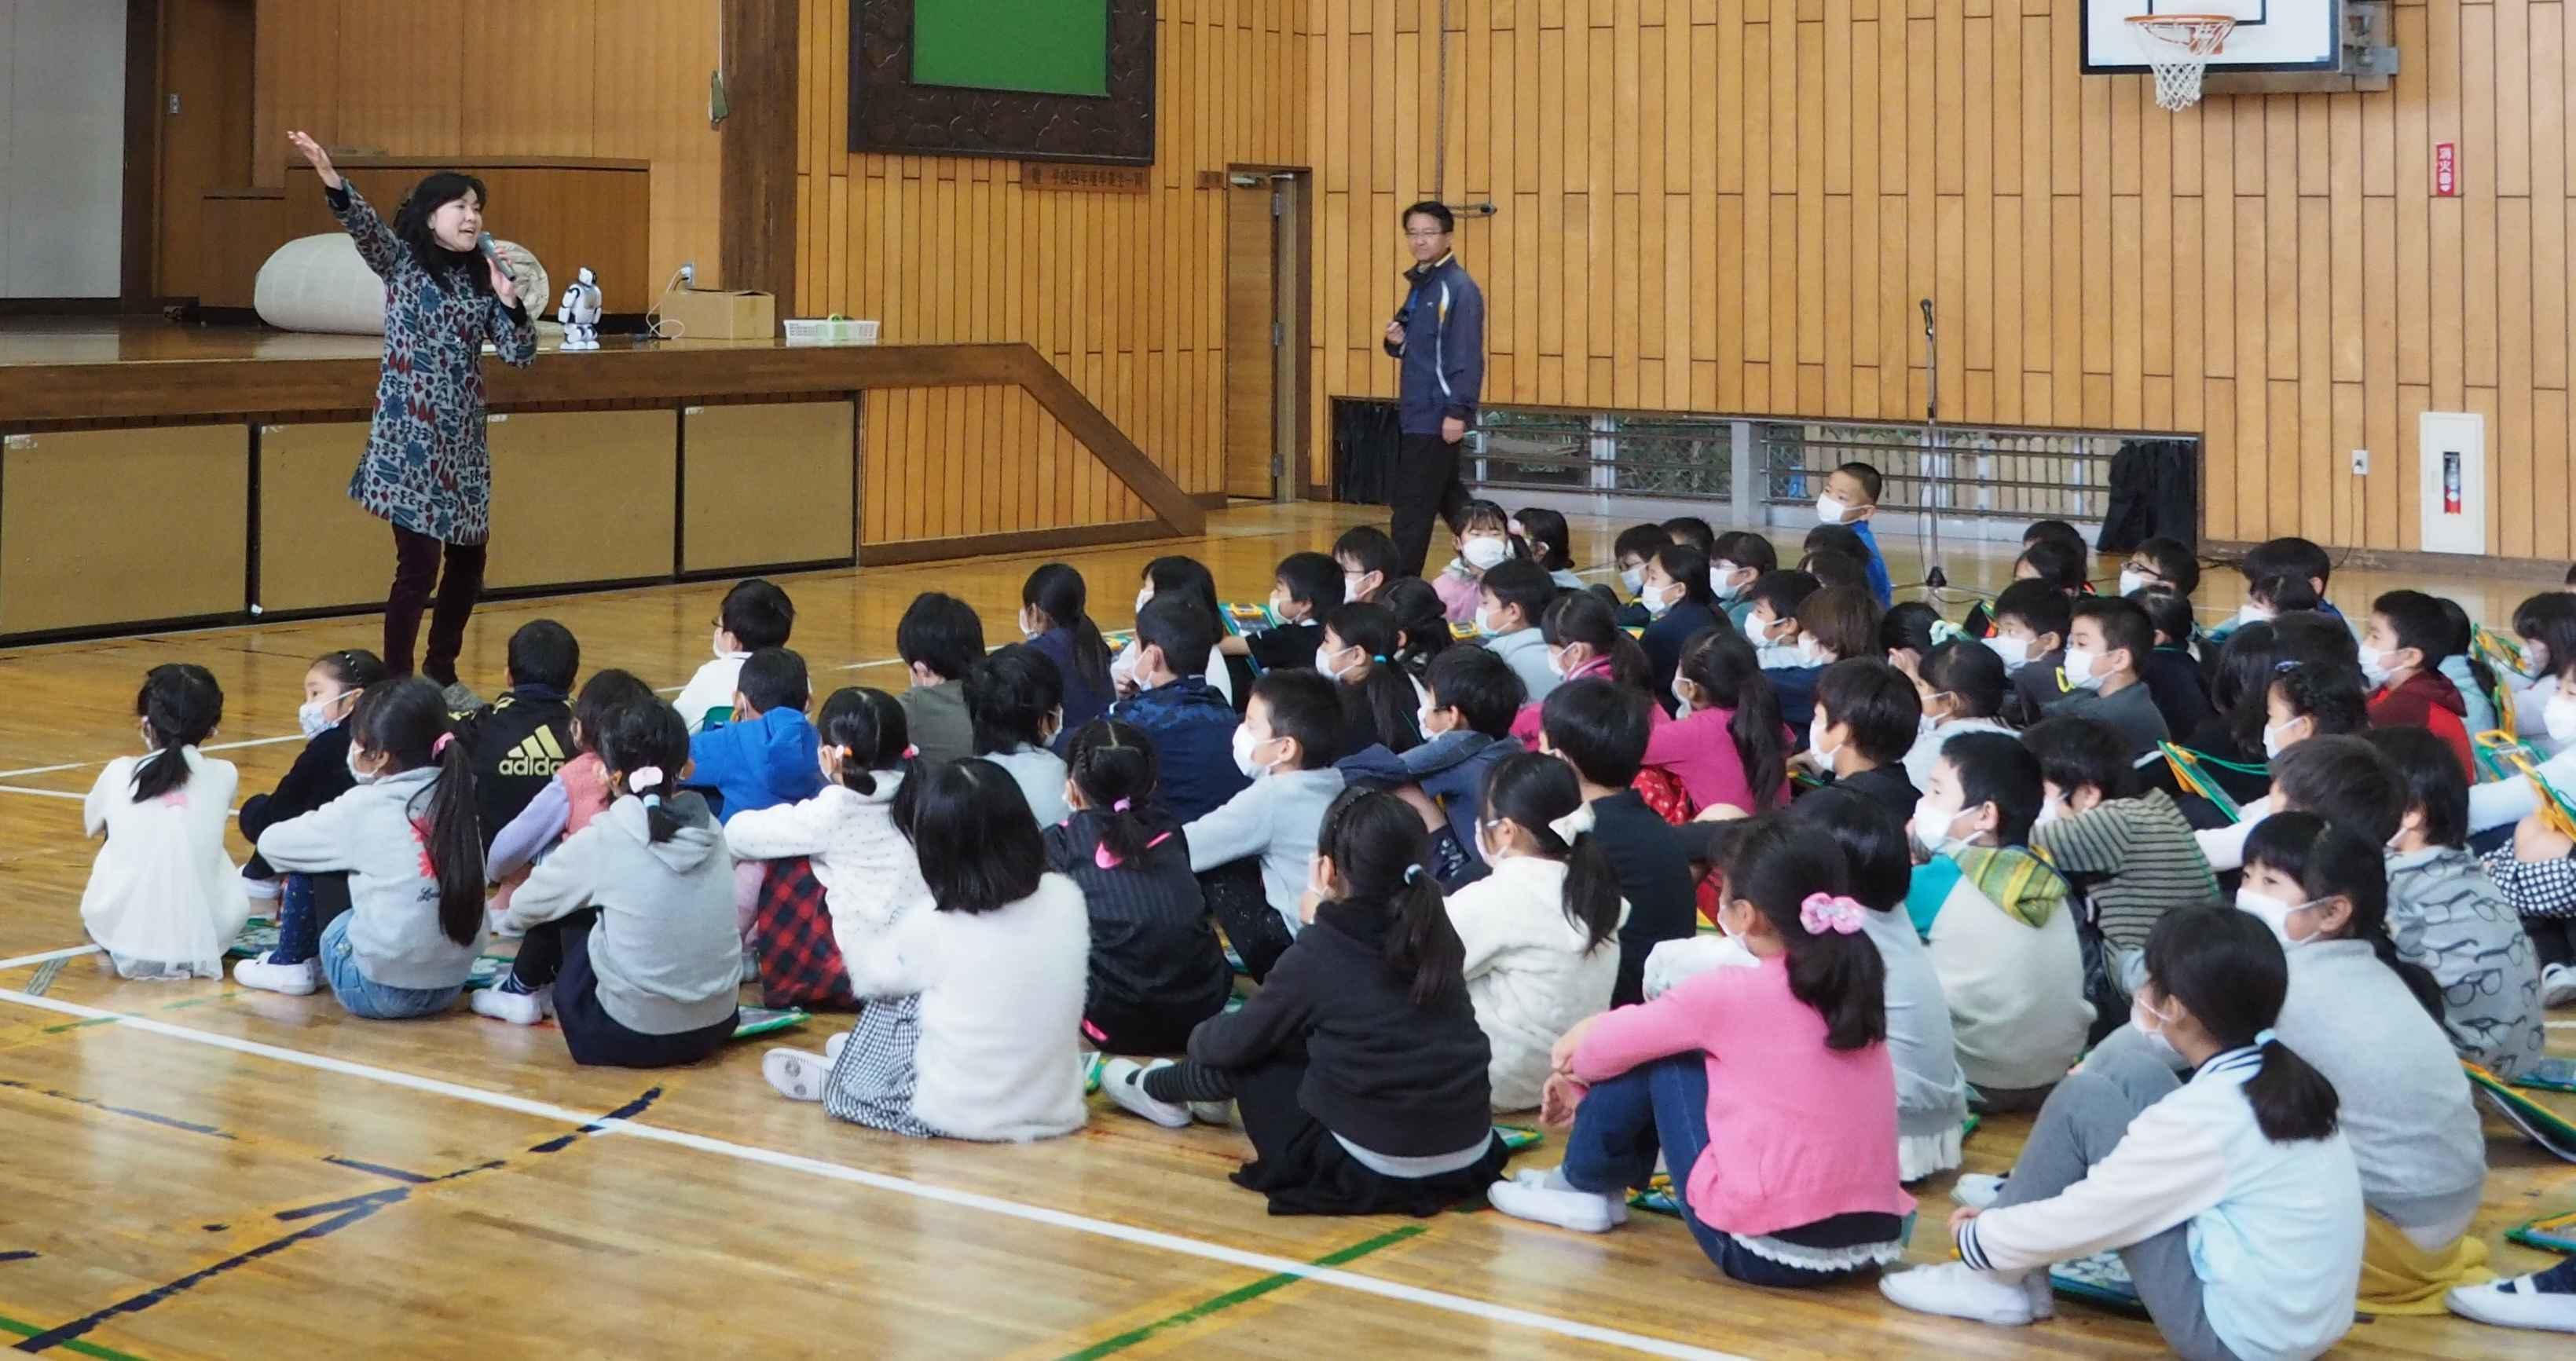 江戸川大学情報文化学科が「サイエンス教室 in 流山市立東小学校」を開催